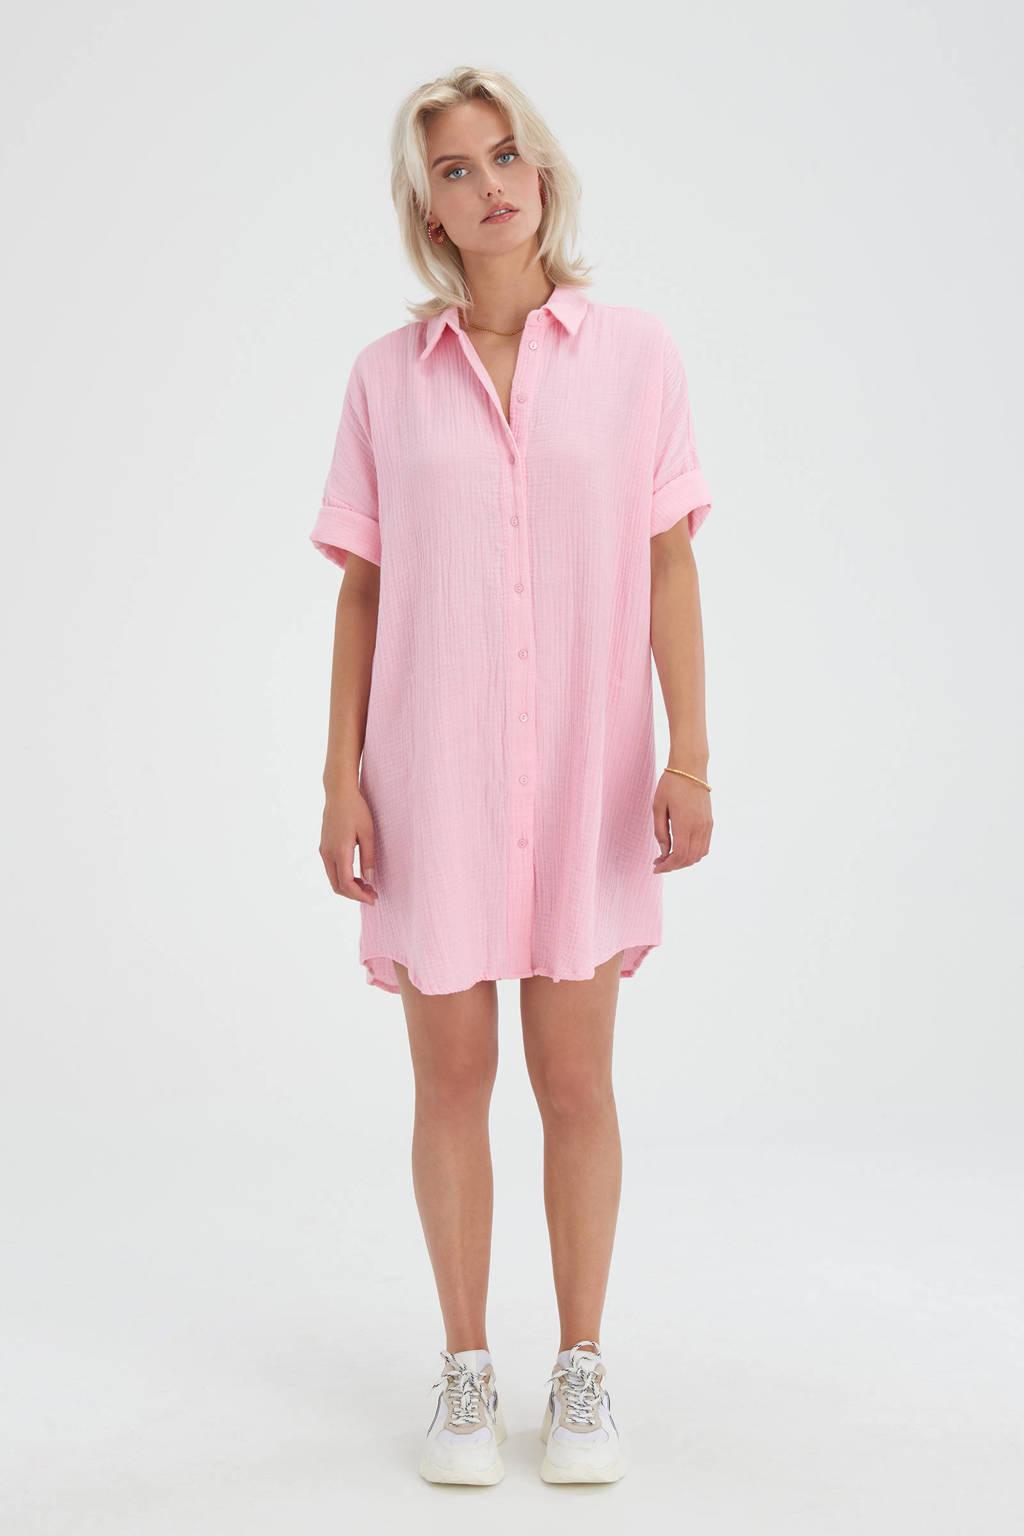 Shoeby Eksept blousejurk Cotton Blouse met textuur roze, Roze